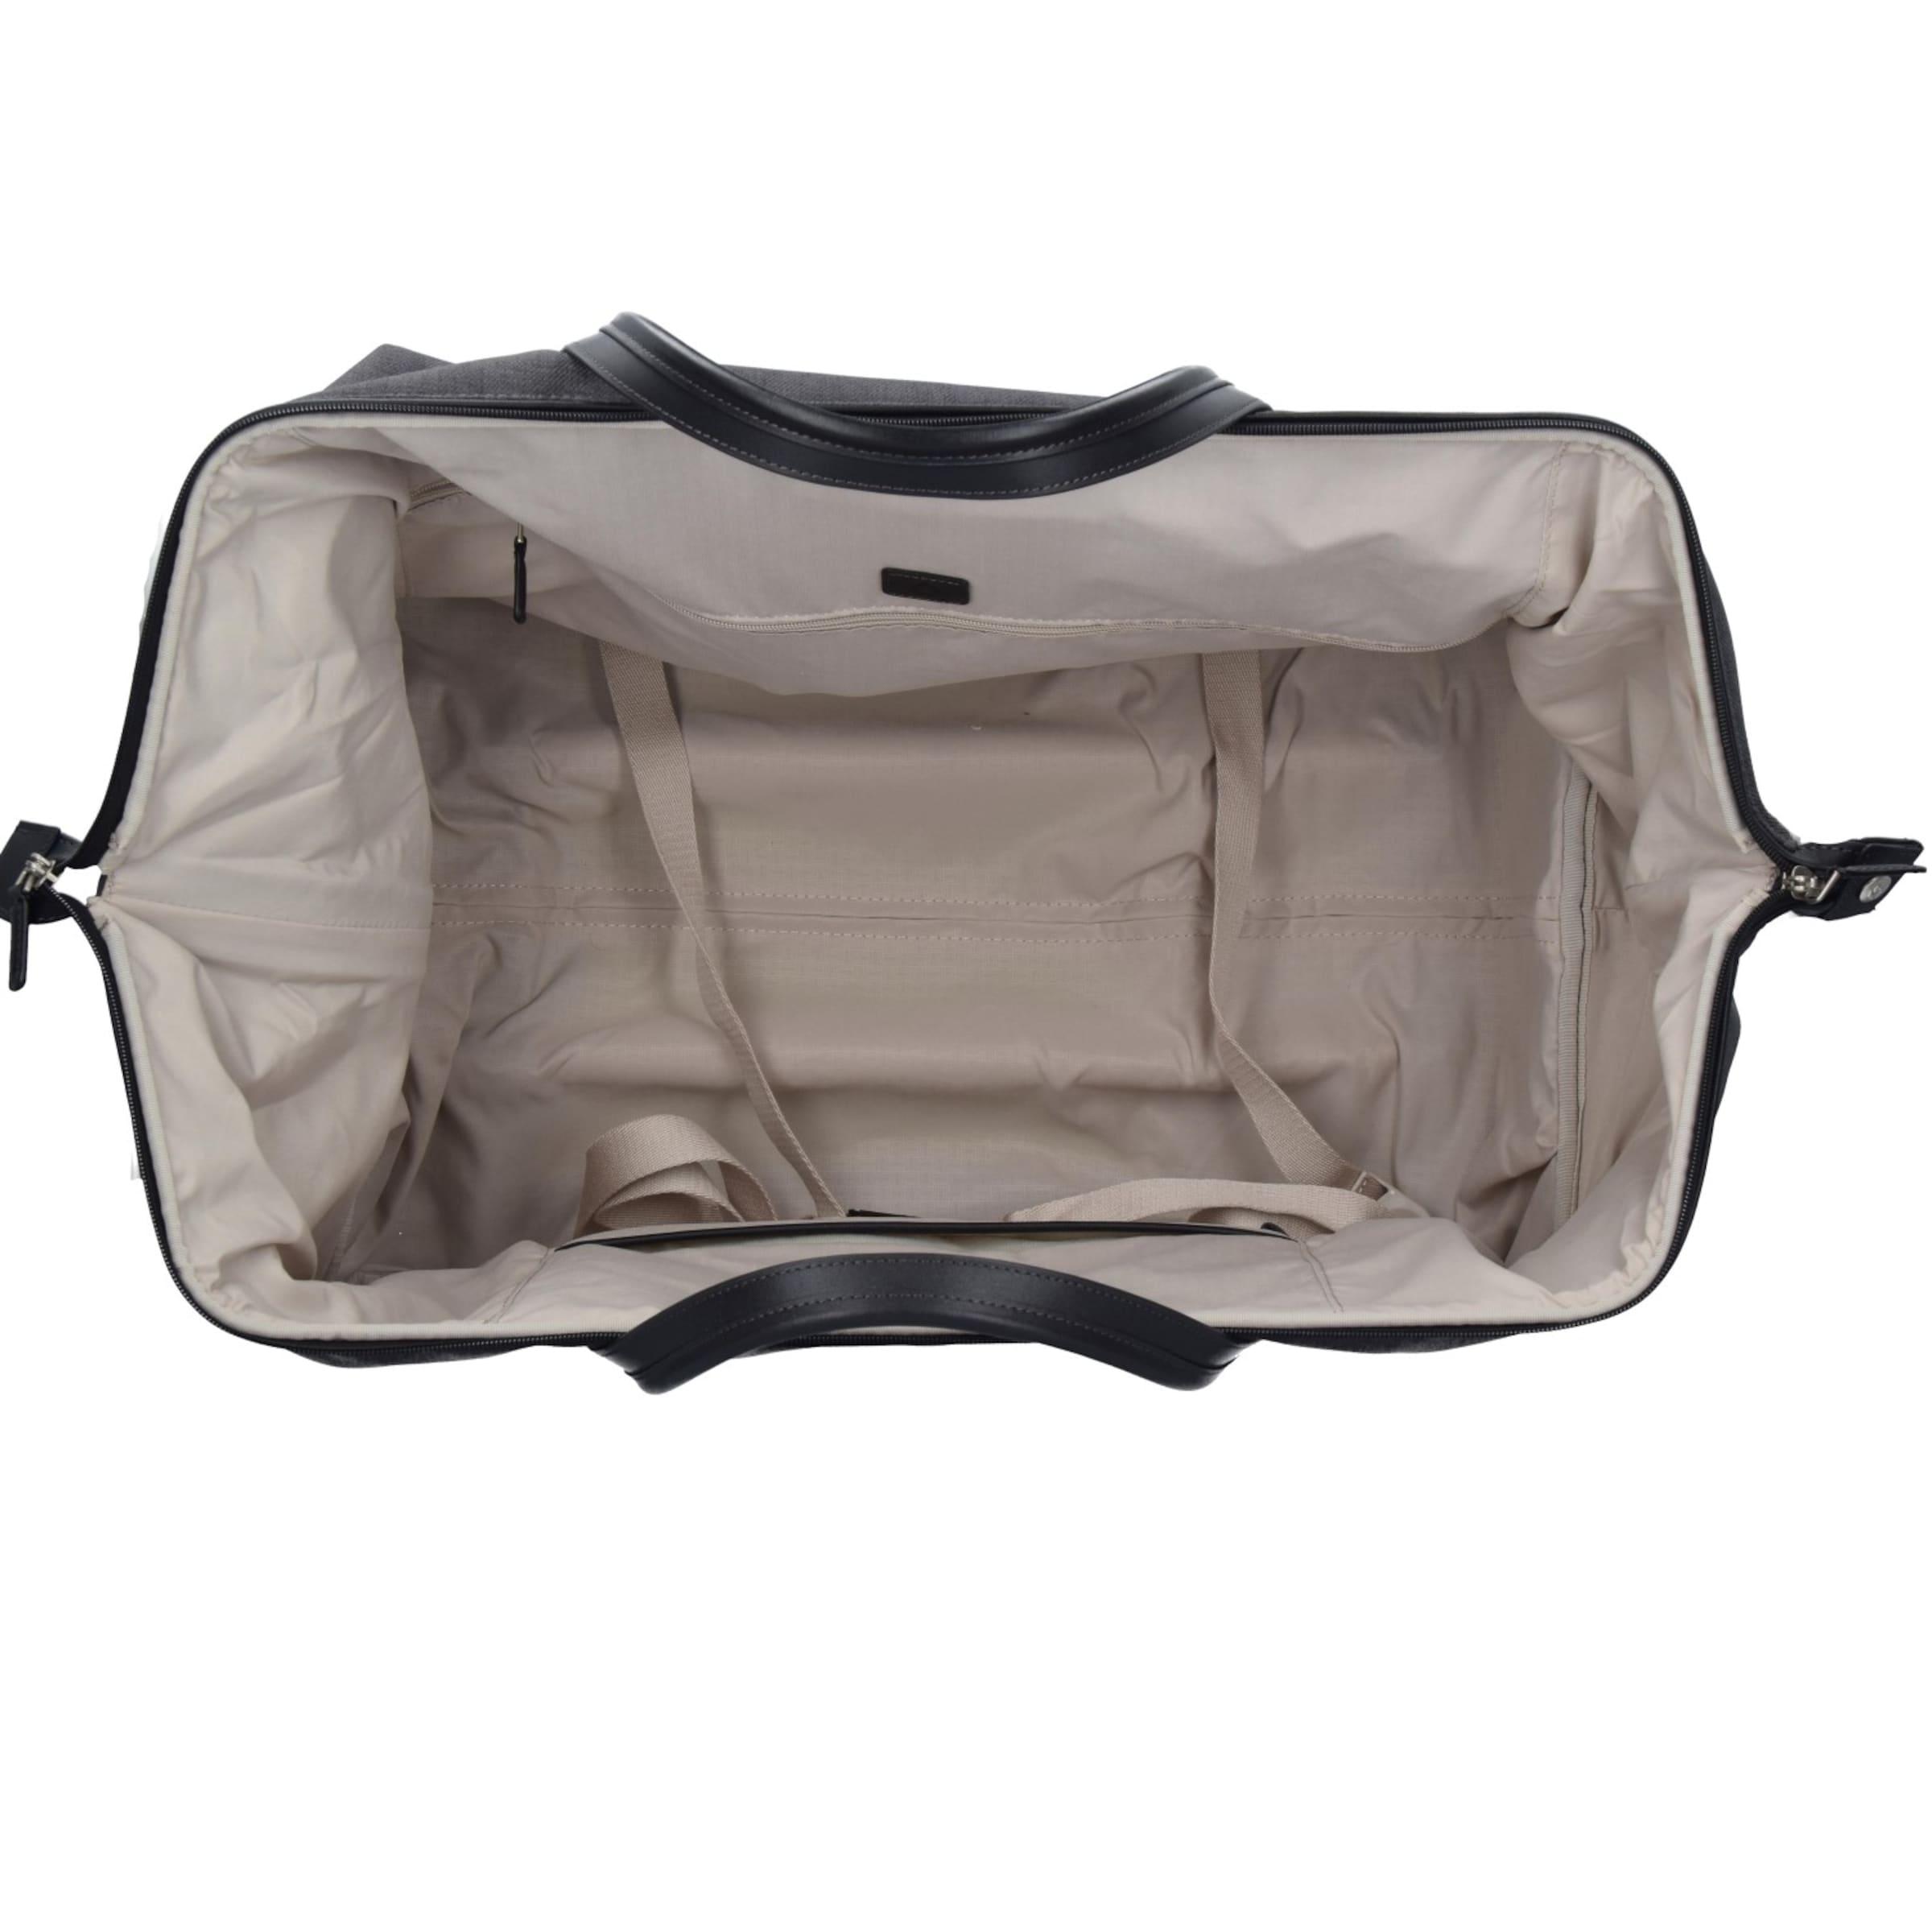 Günstigen Preis Kaufen Rabatt SAMSONITE Lite DLX Reisetasche 55 cm Fälschung Günstig Online HnLSs